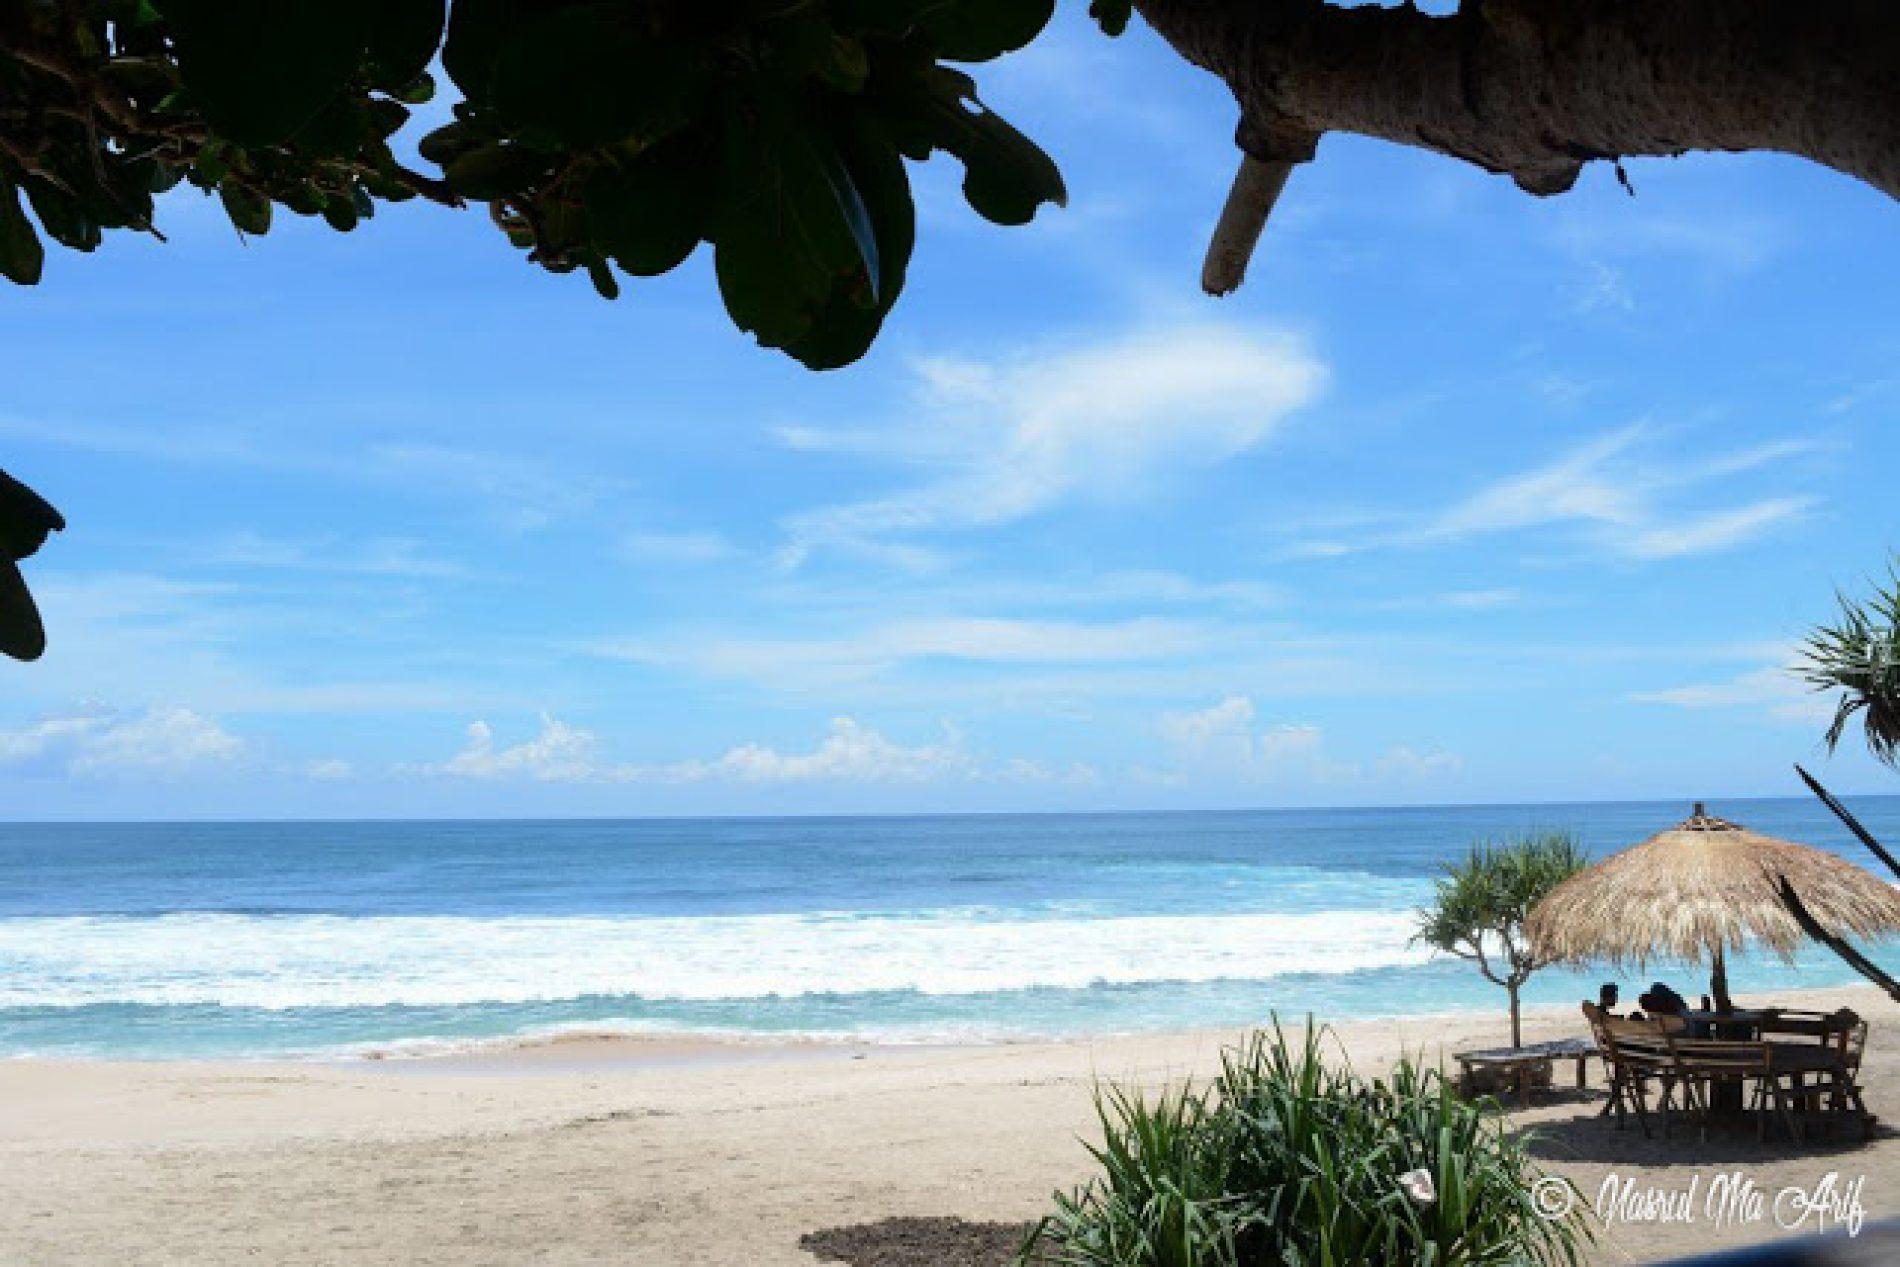 Pantai Watulawang Gunungkidul, Bagaikan Surga Dunia